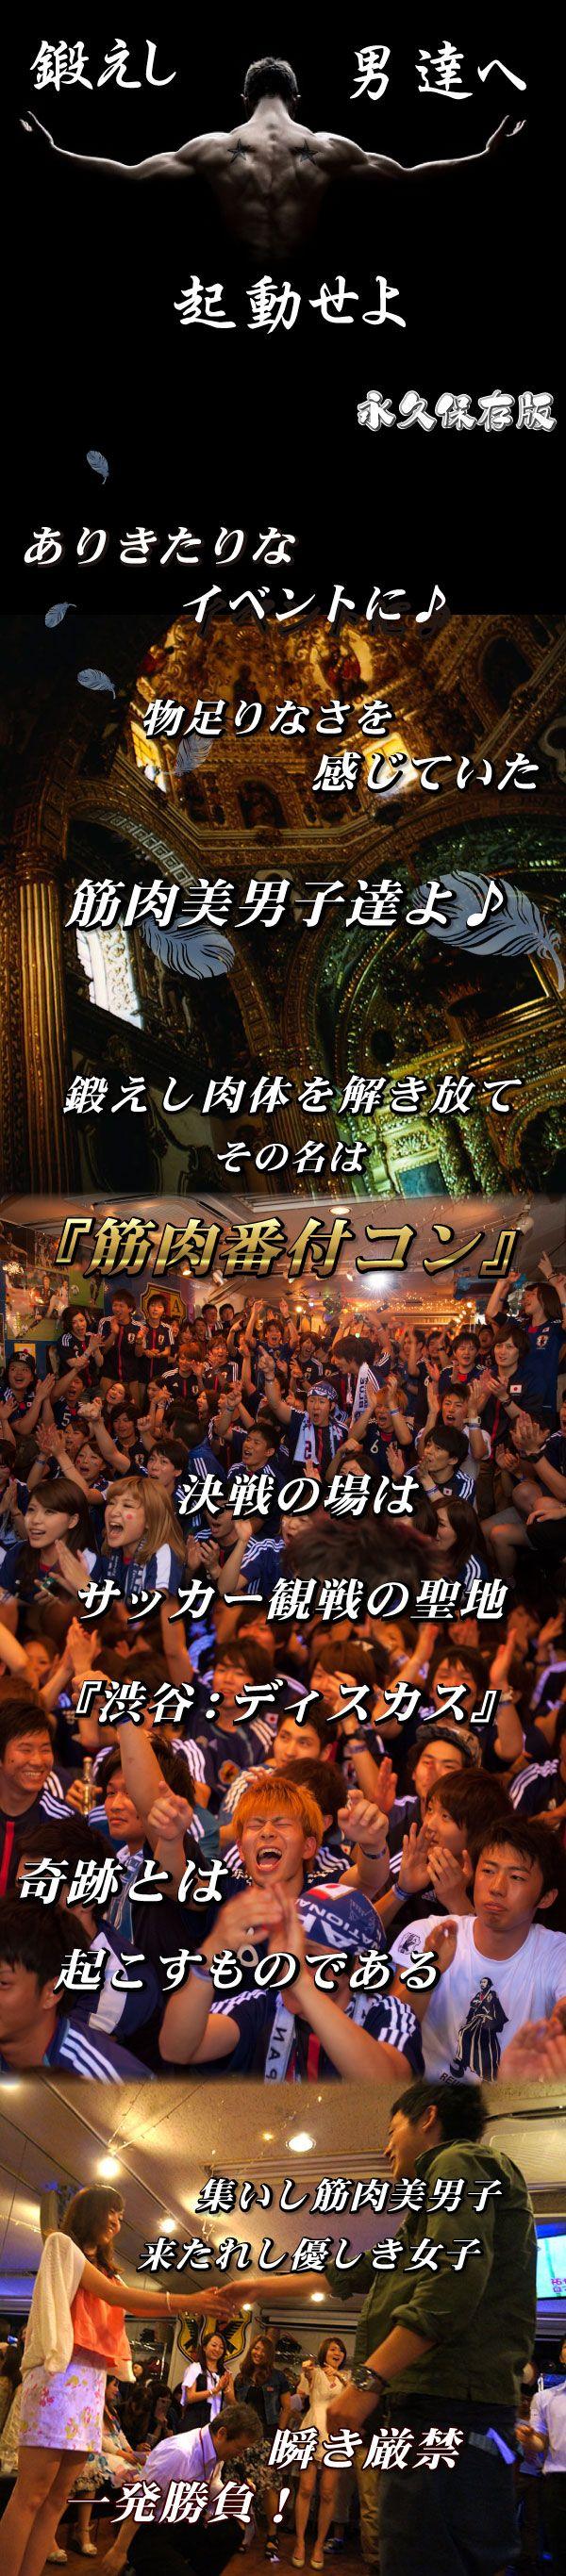 街コン バナー 筋肉美男子_02